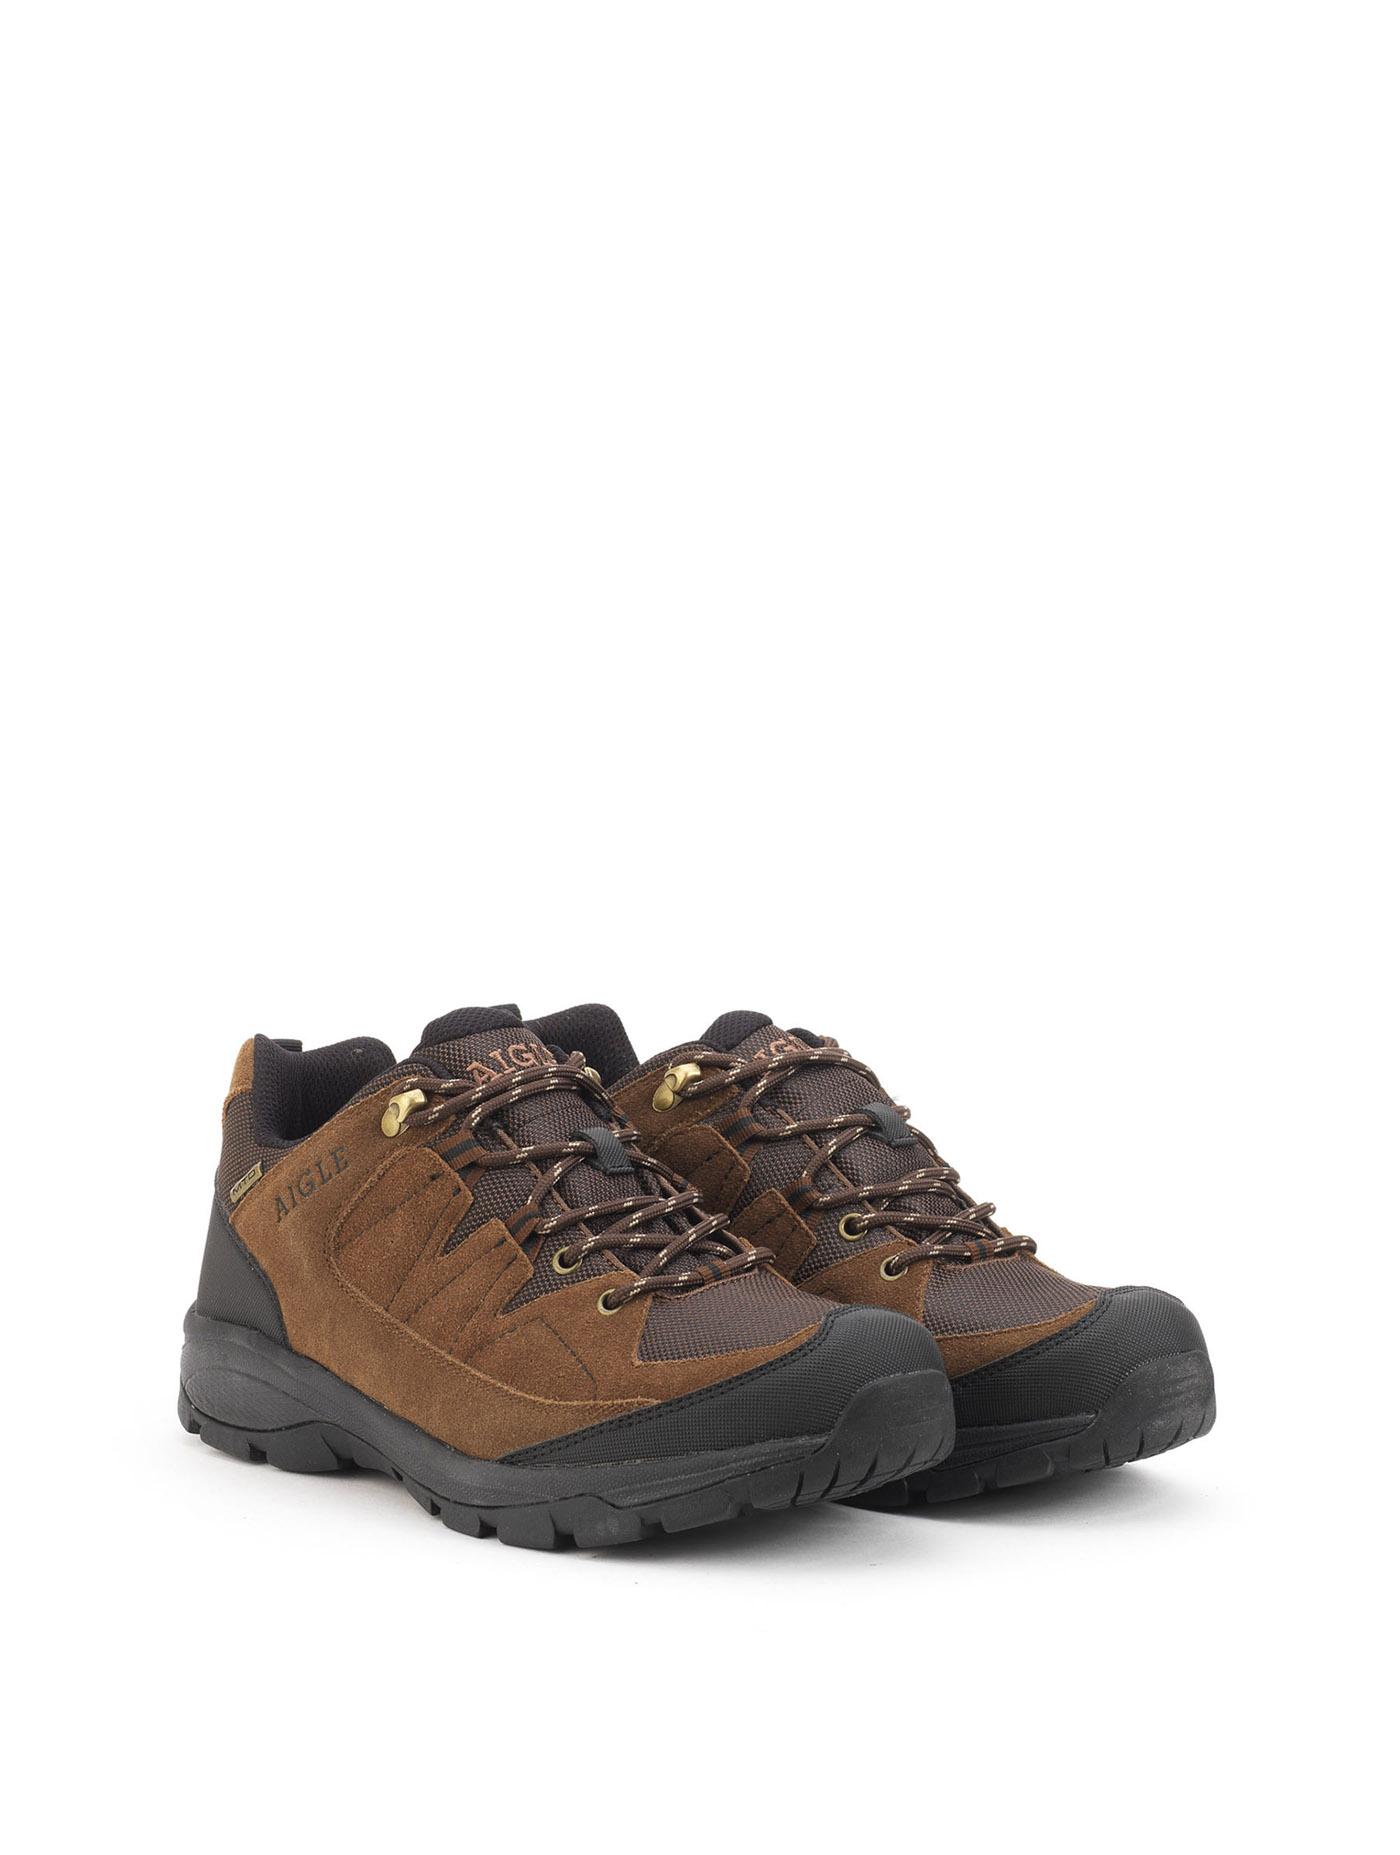 Aigle Terfalt Low, Chaussures de Travail Homme, Marron